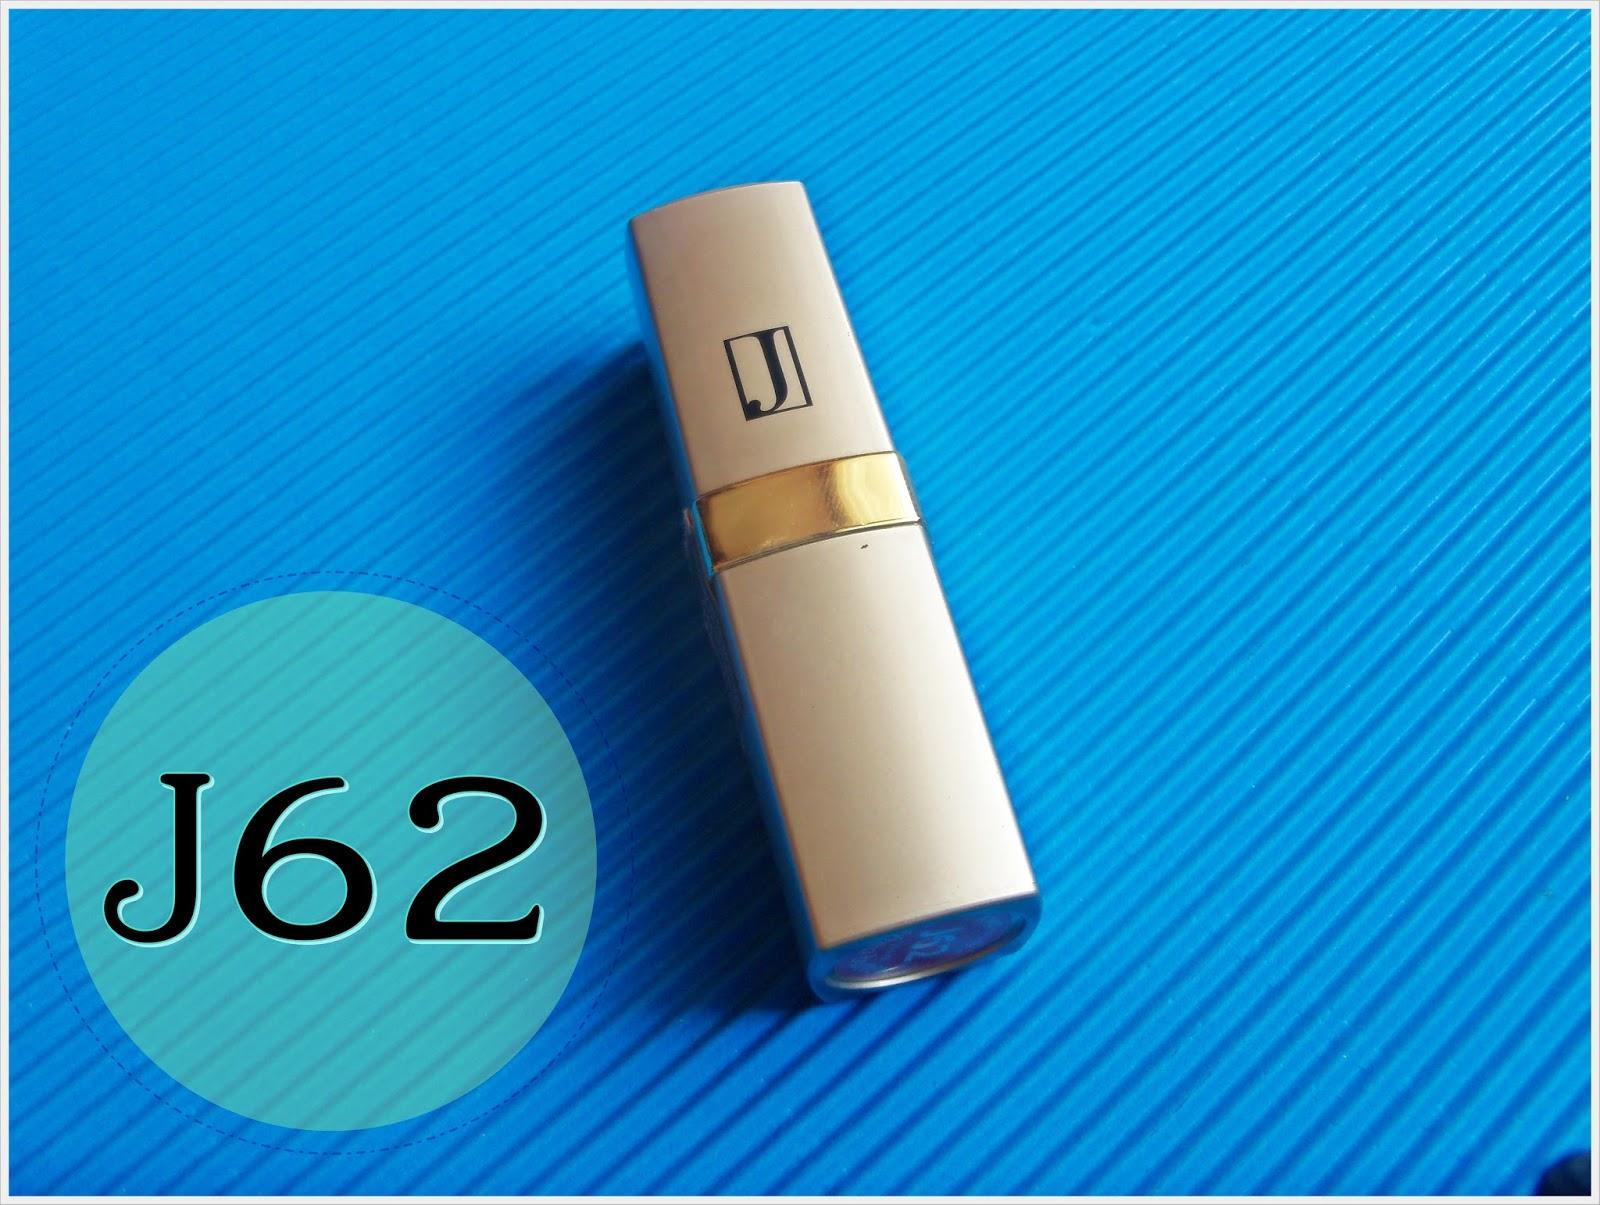 POMADKA JOKO J62